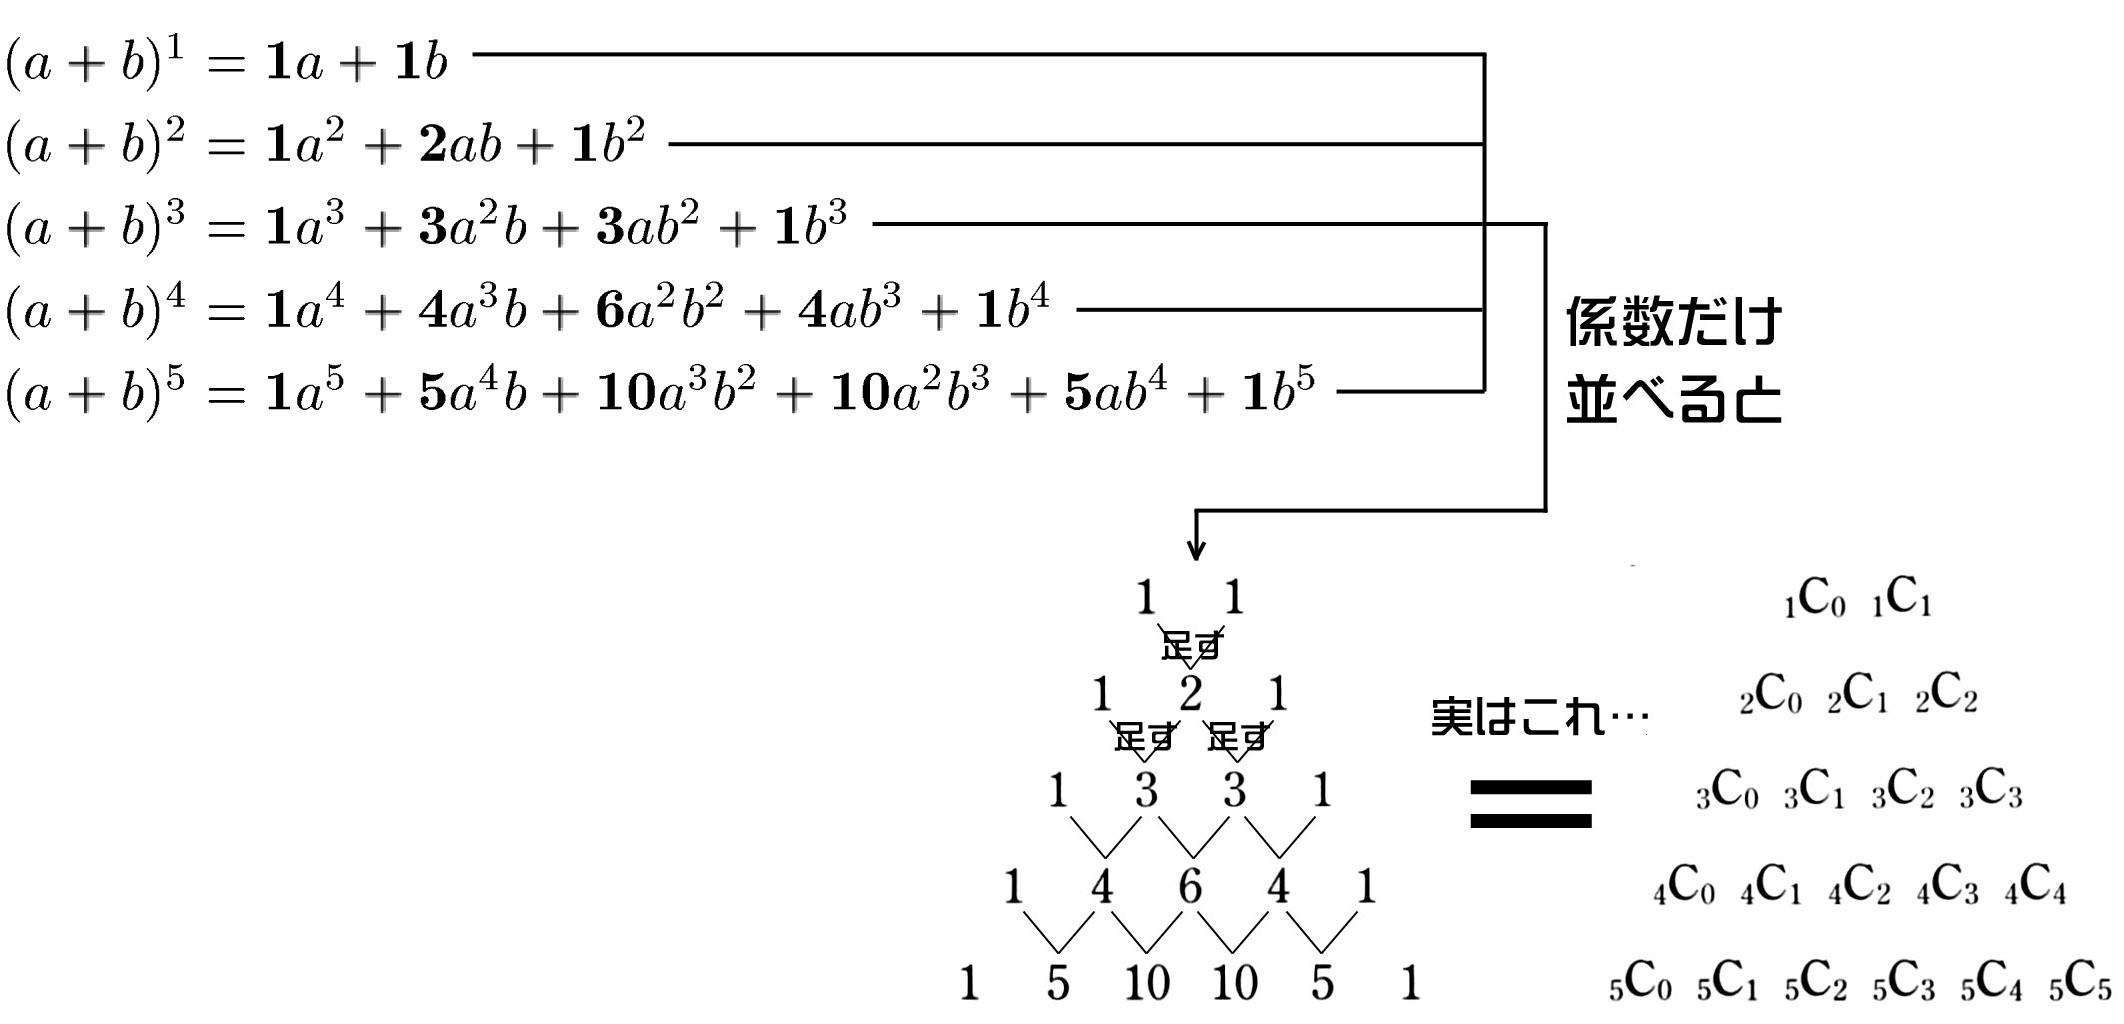 二項定理の意味としくみ【数学まるかじり】